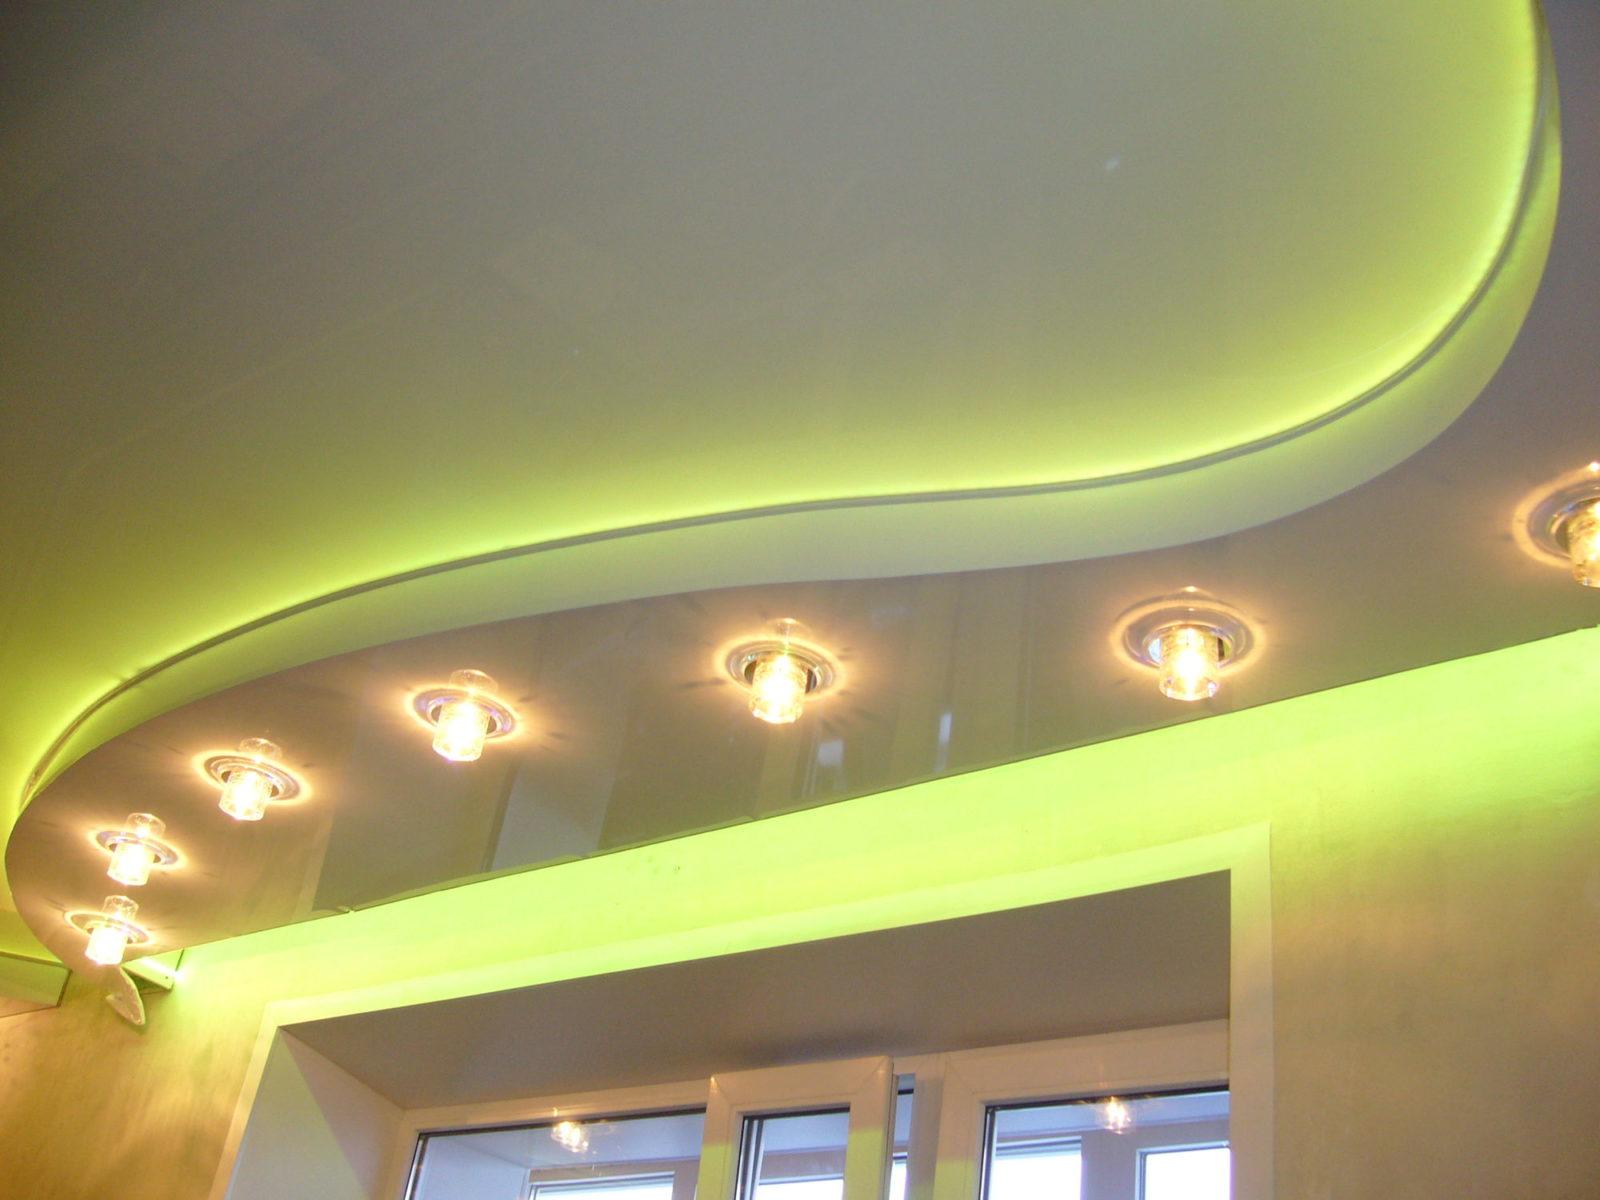 Преимущества подвесных потолочных конструкций